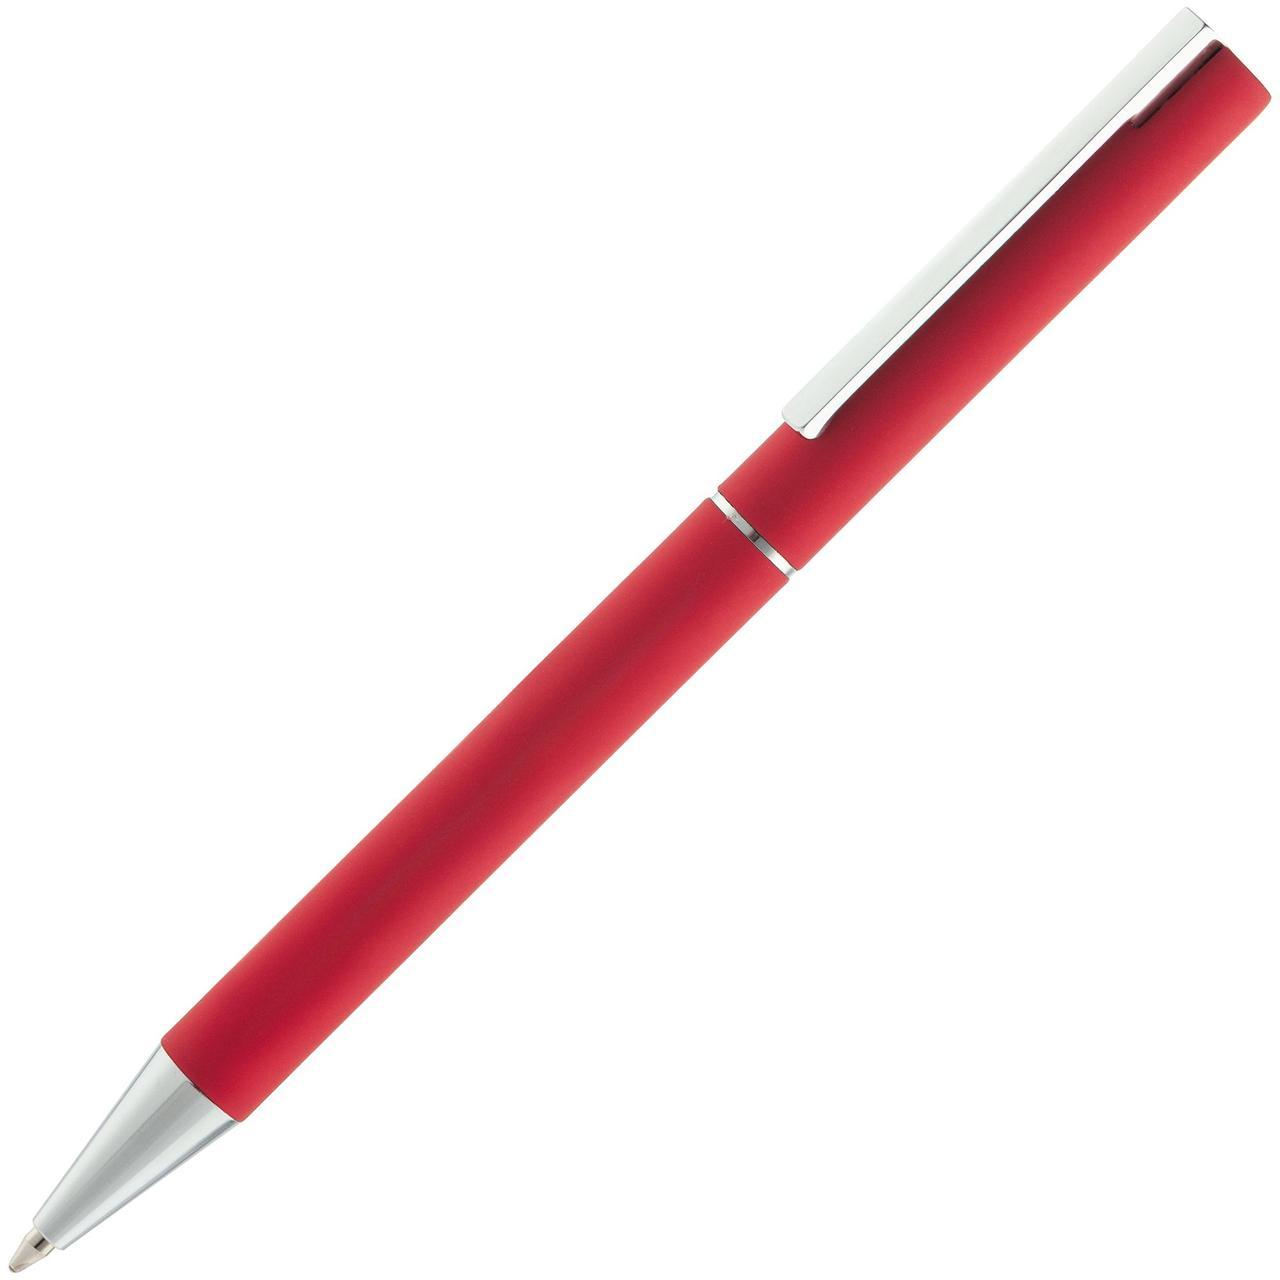 Ручка шариковая Blade Soft Touch, красная (артикул 13141.50)